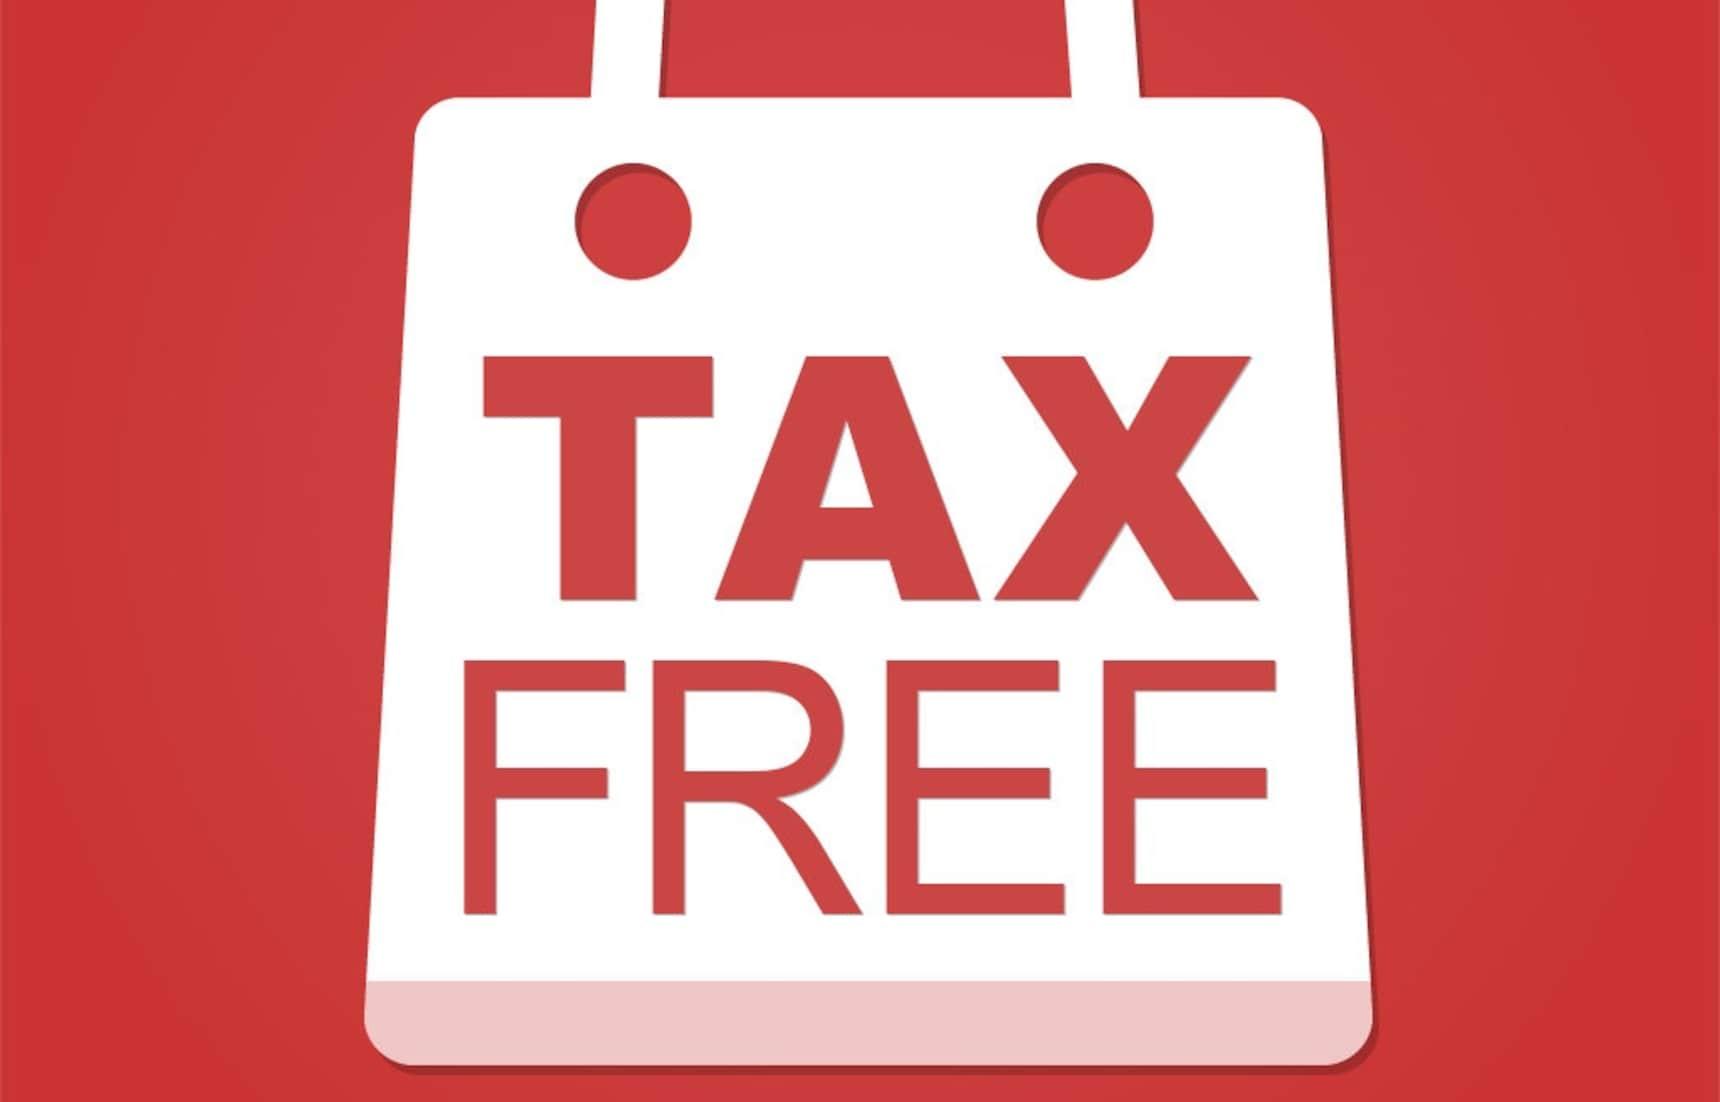 为享受免税购物游的你奉上终极懒人包 — 来日免税购物的5大注意事项